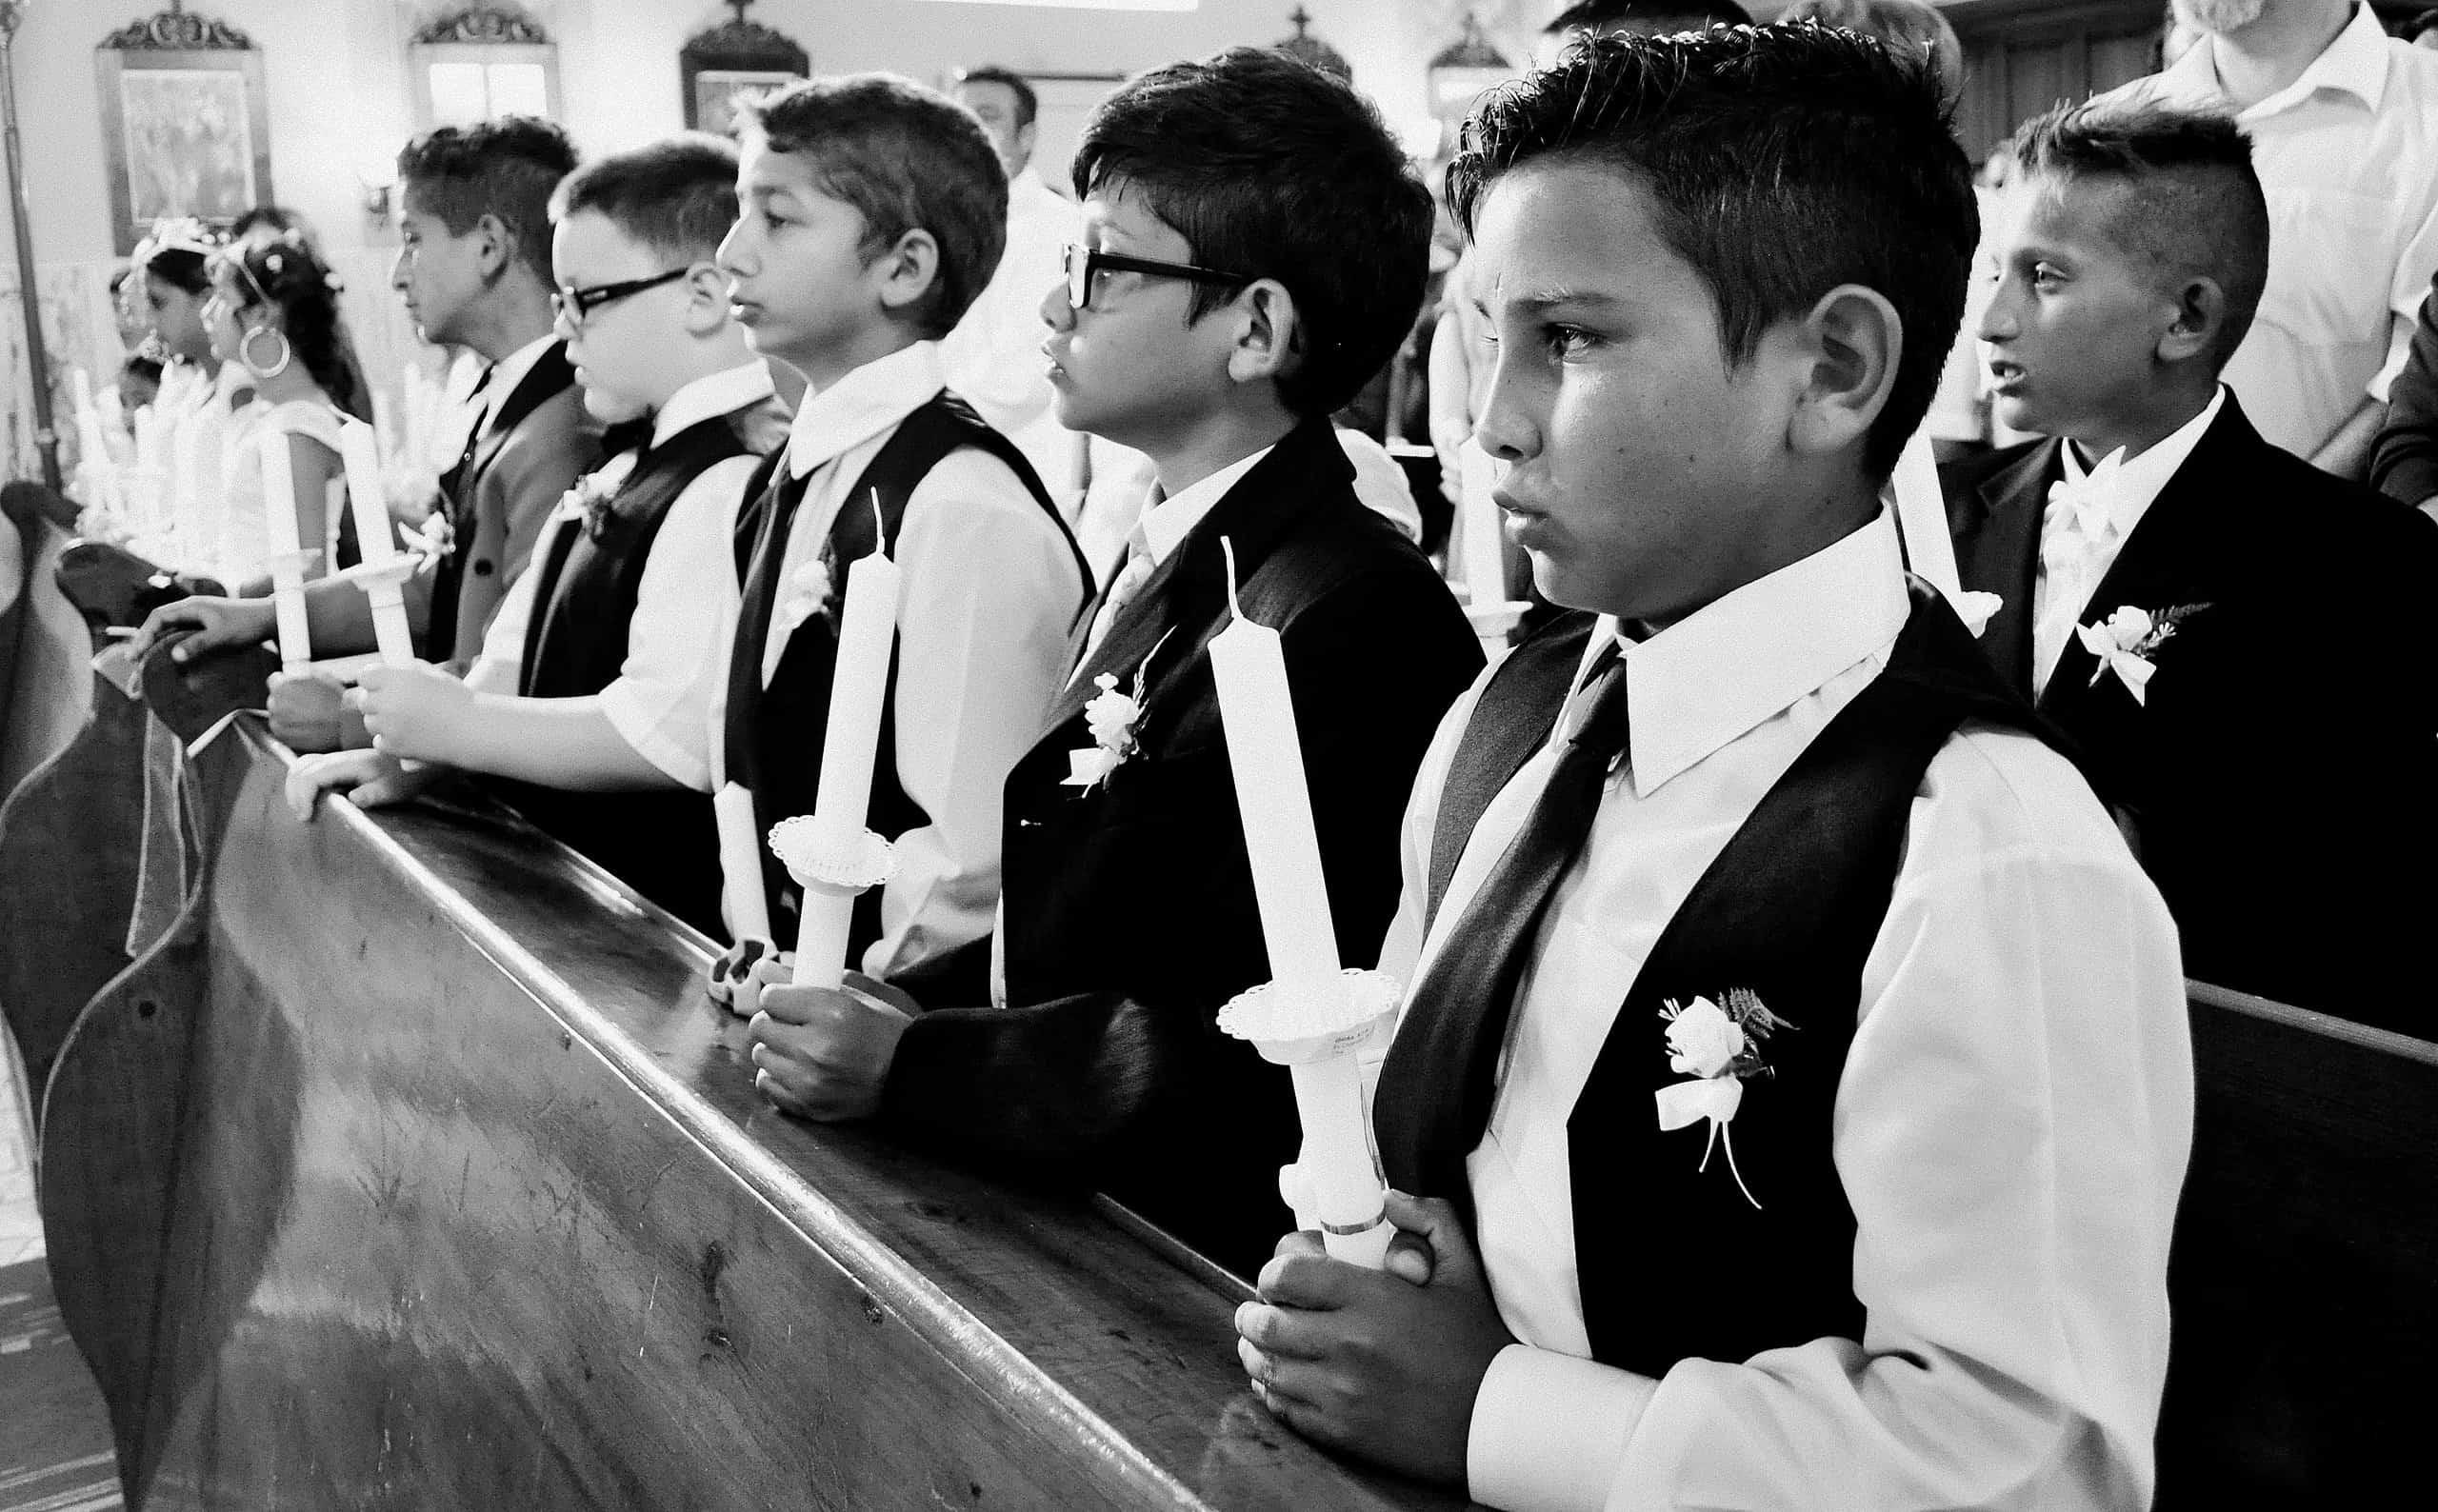 Chlapci pozorne počúvajú pána farára